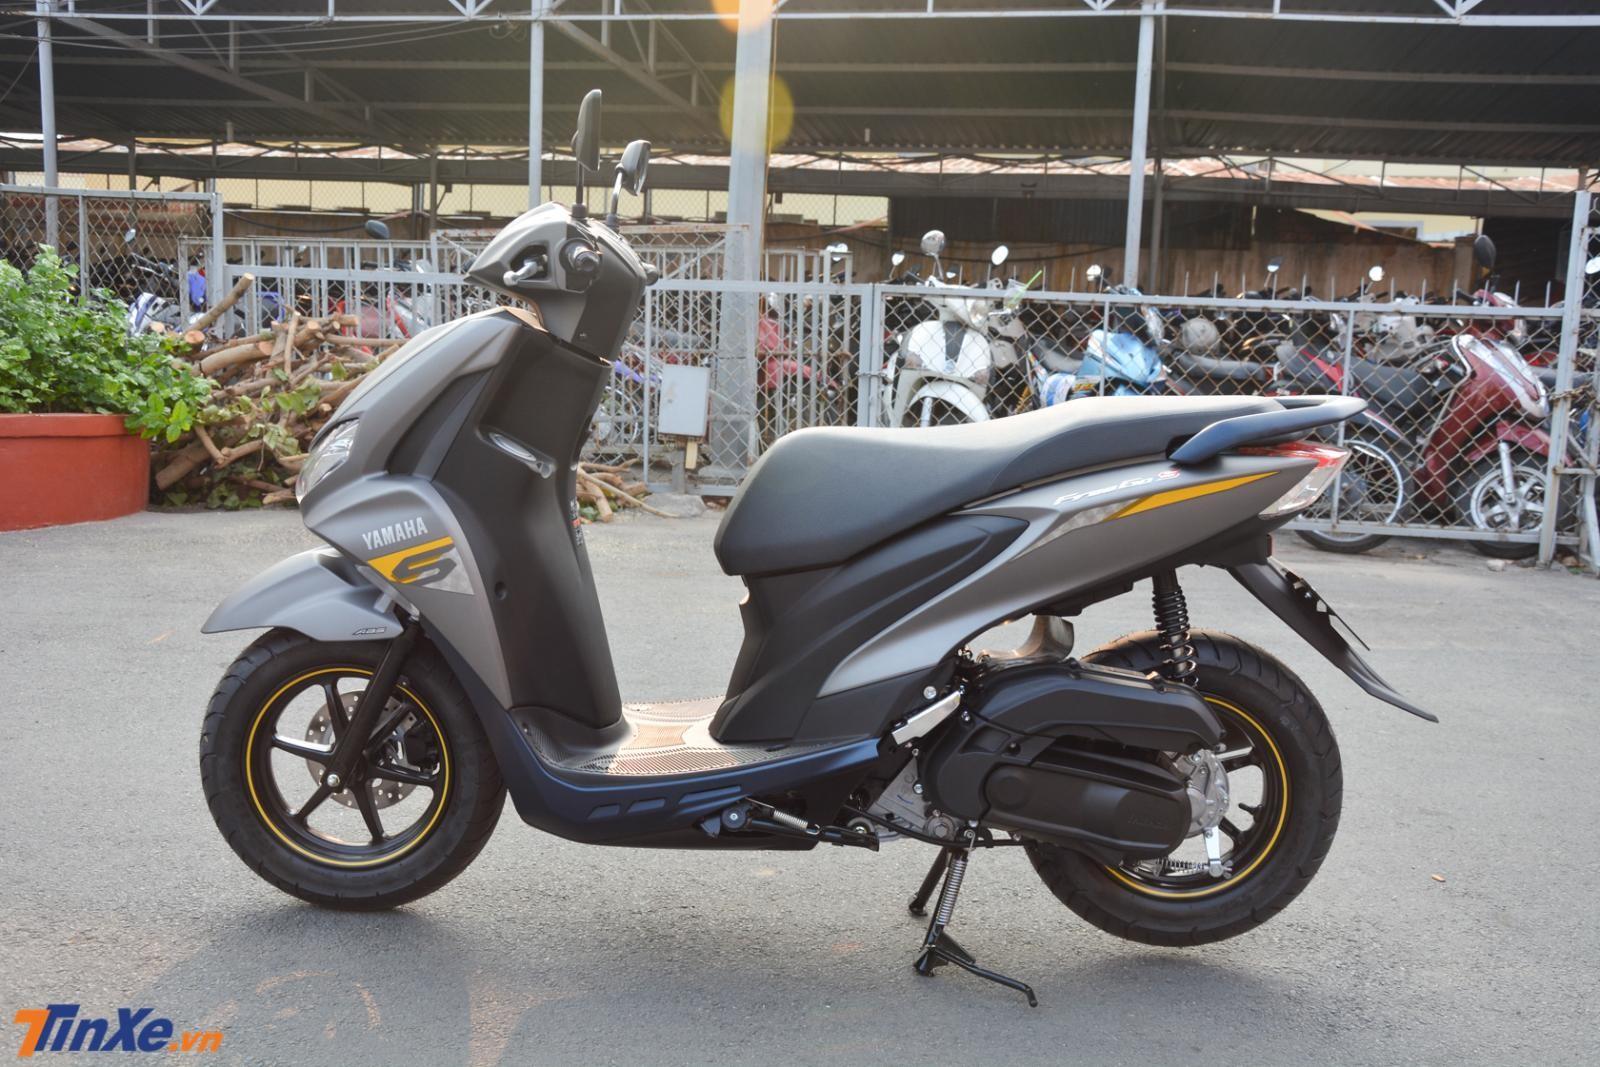 Trọng lượng của Yamaha FreeGo S lên đến 102 kg, nặng 2 kg so với Yamaha FreeGo tiêu chuẩn